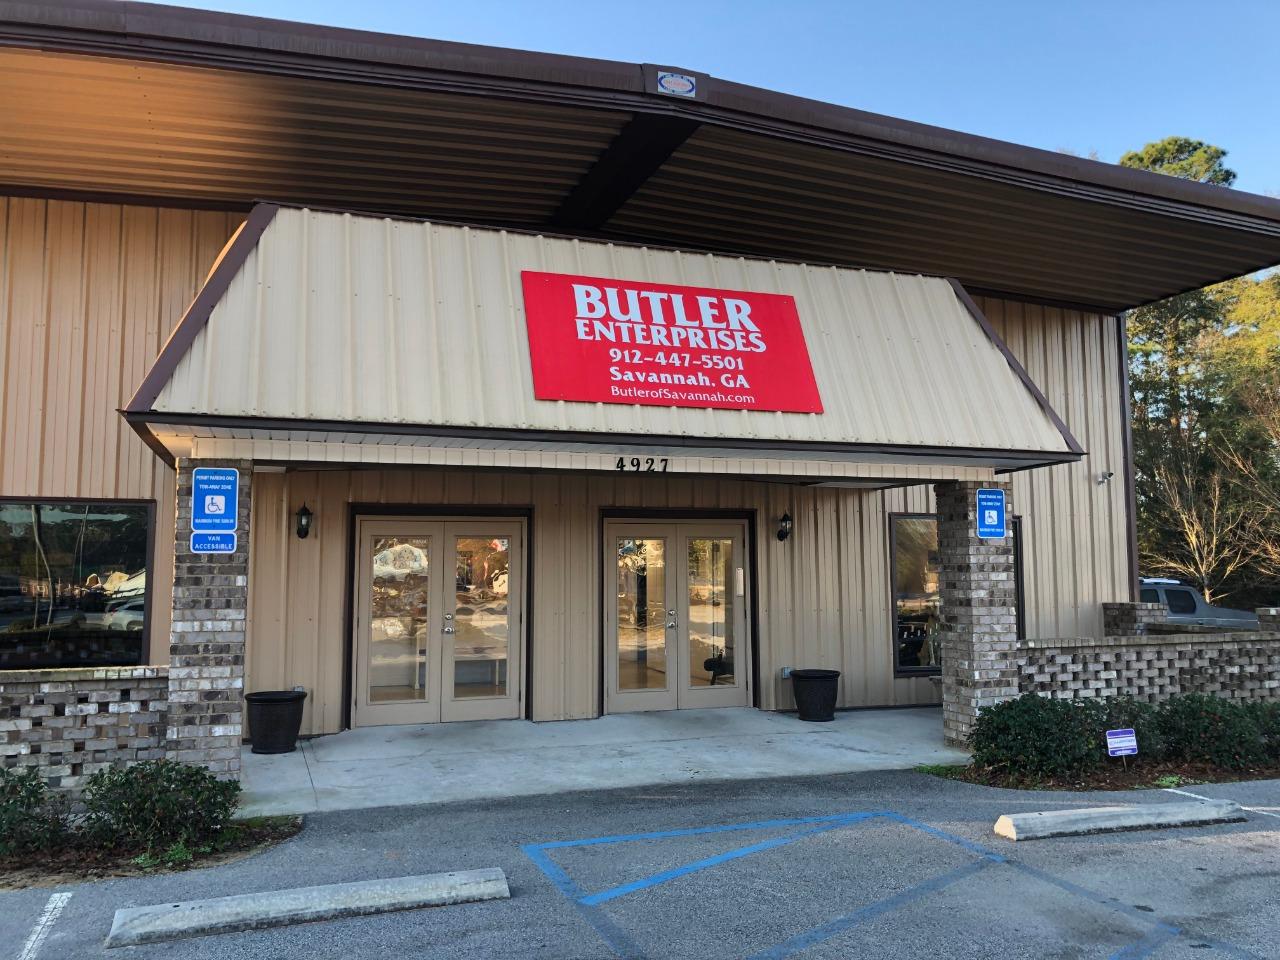 Butler Enterprises